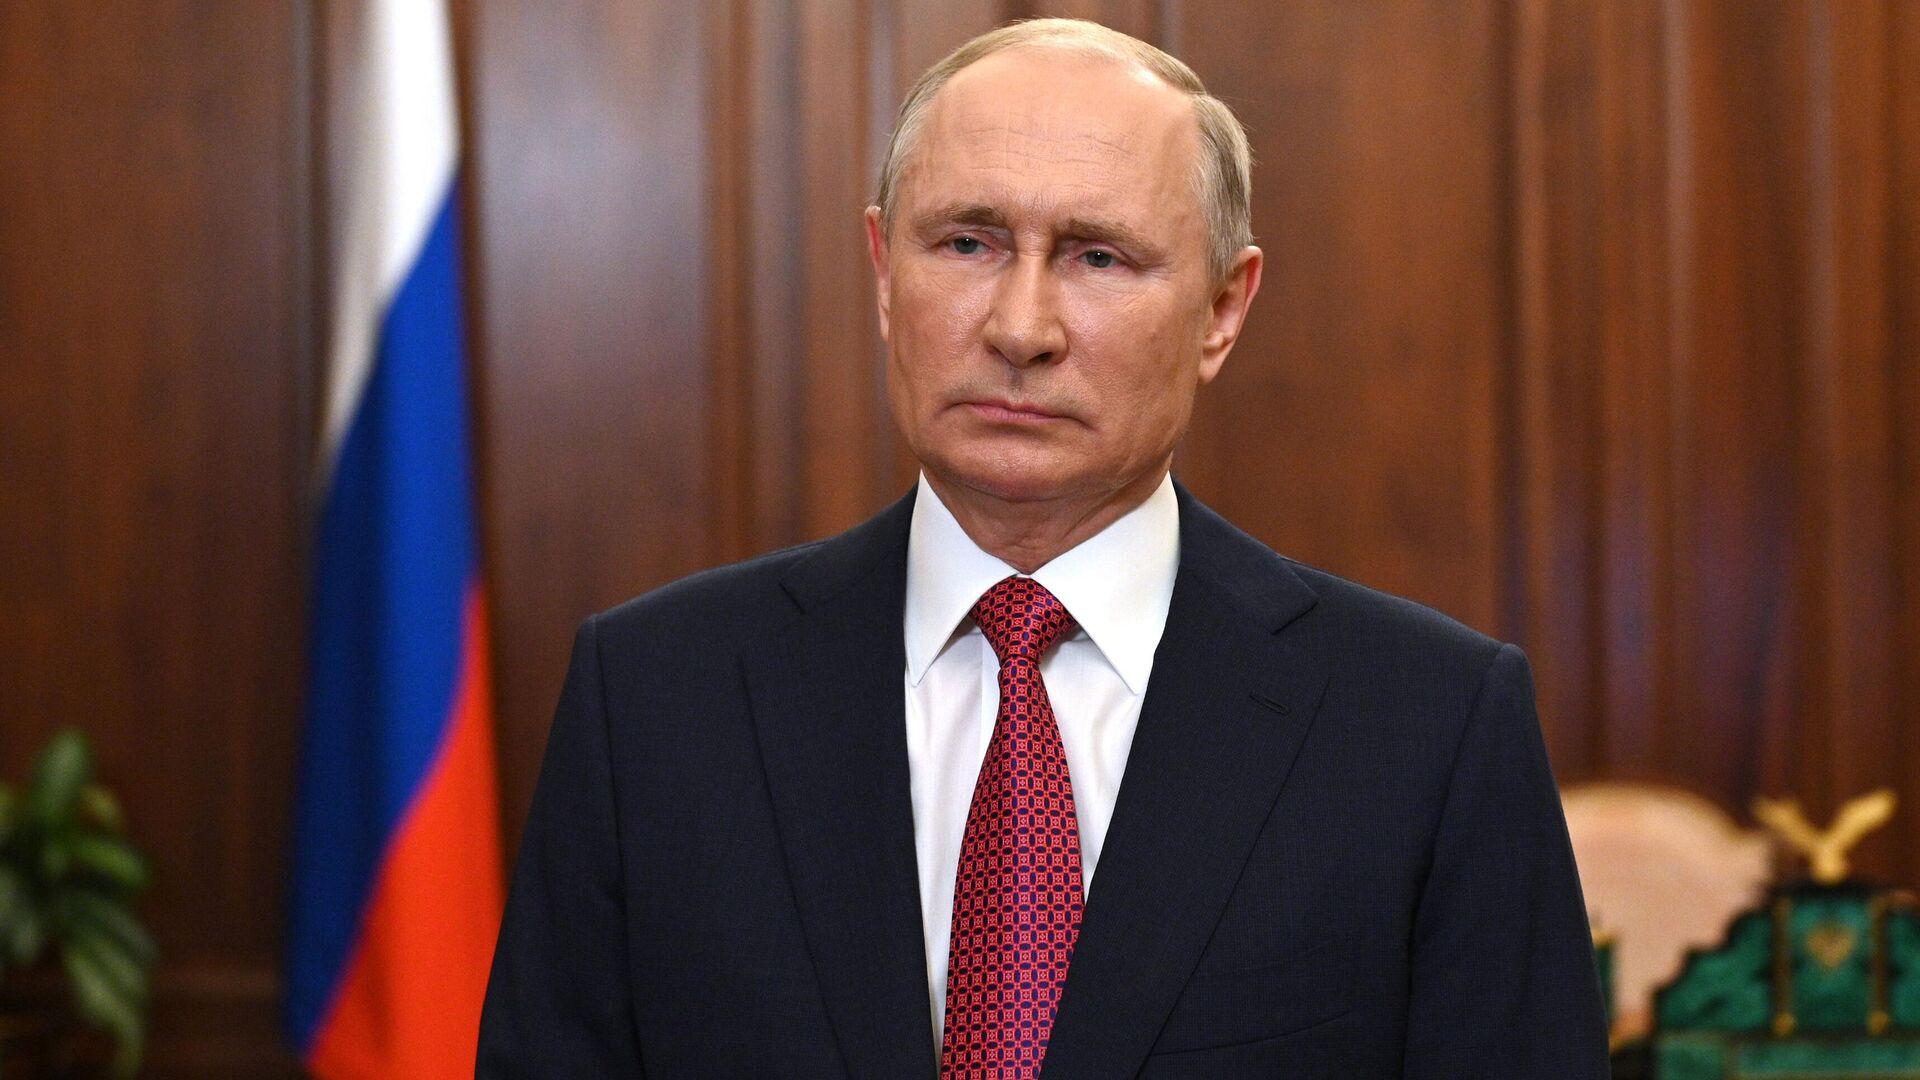 Президент РФ Владимир Путин во время видеообращения - Sputnik Грузия, 1920, 07.10.2021